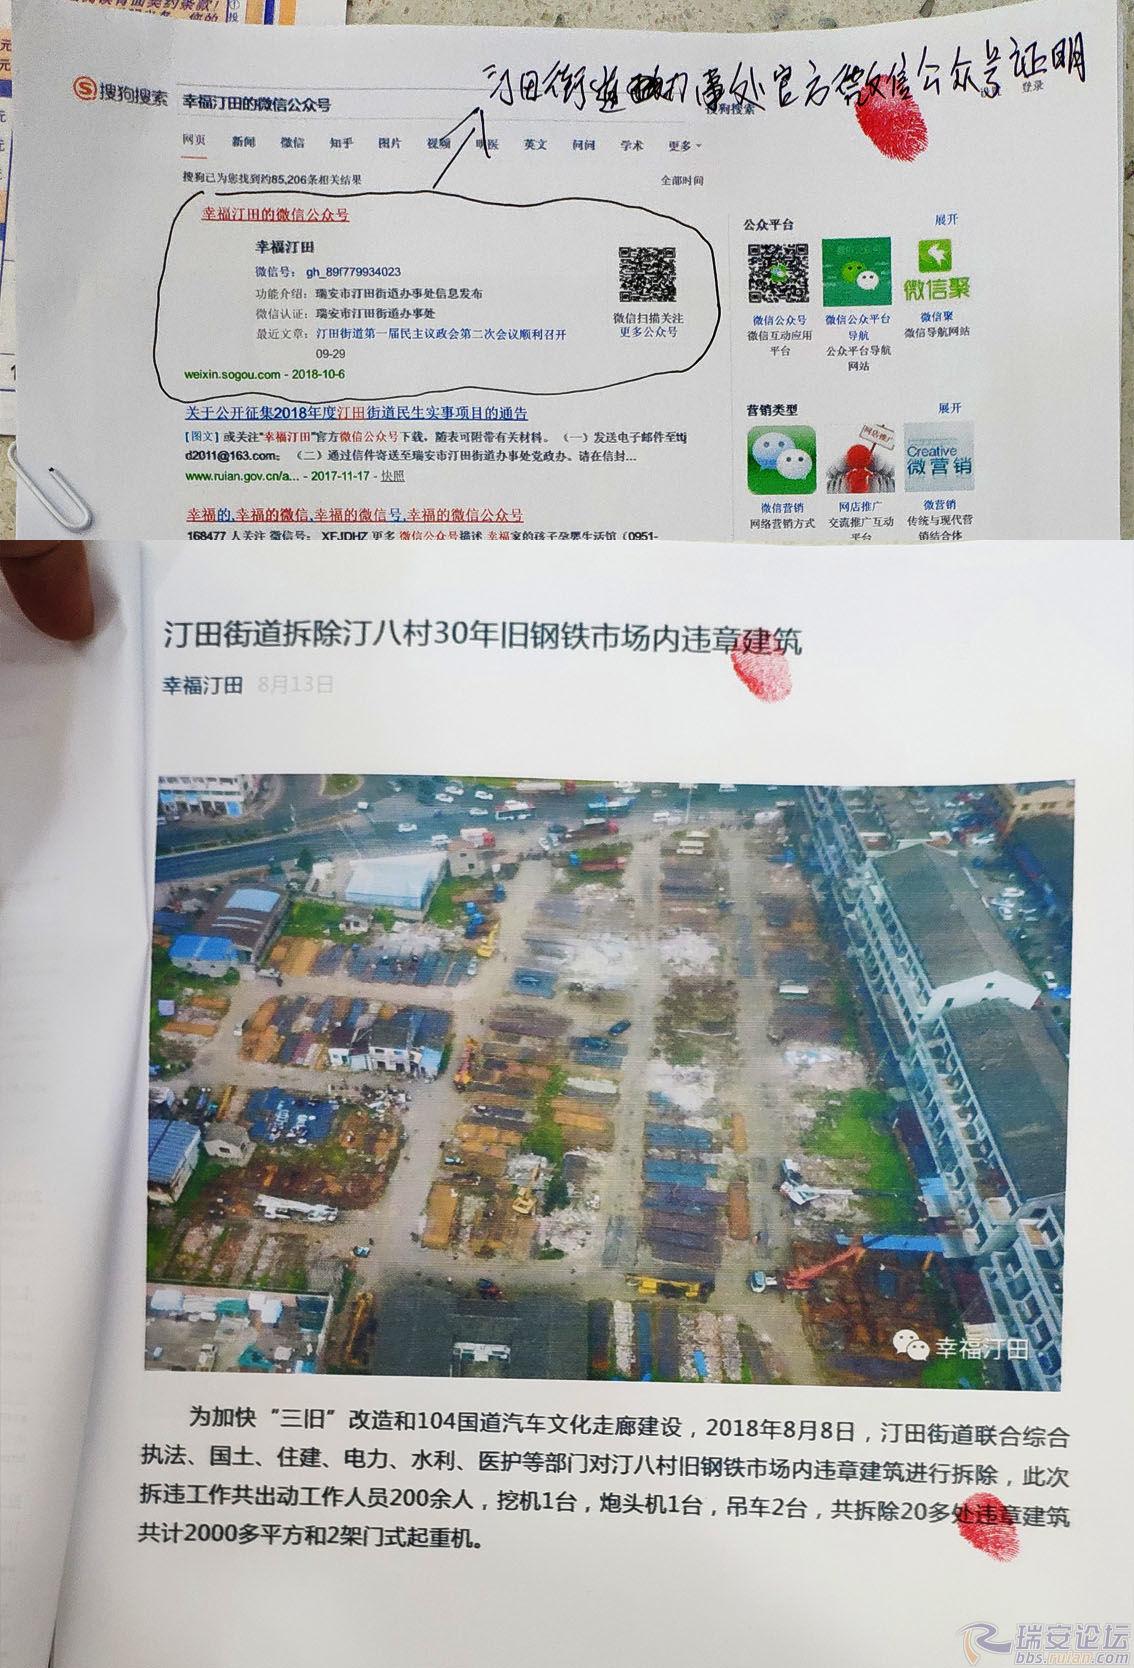 张晓海反贪腐委员会公开告汀田街道办事处强拆汀八村钢铁市场